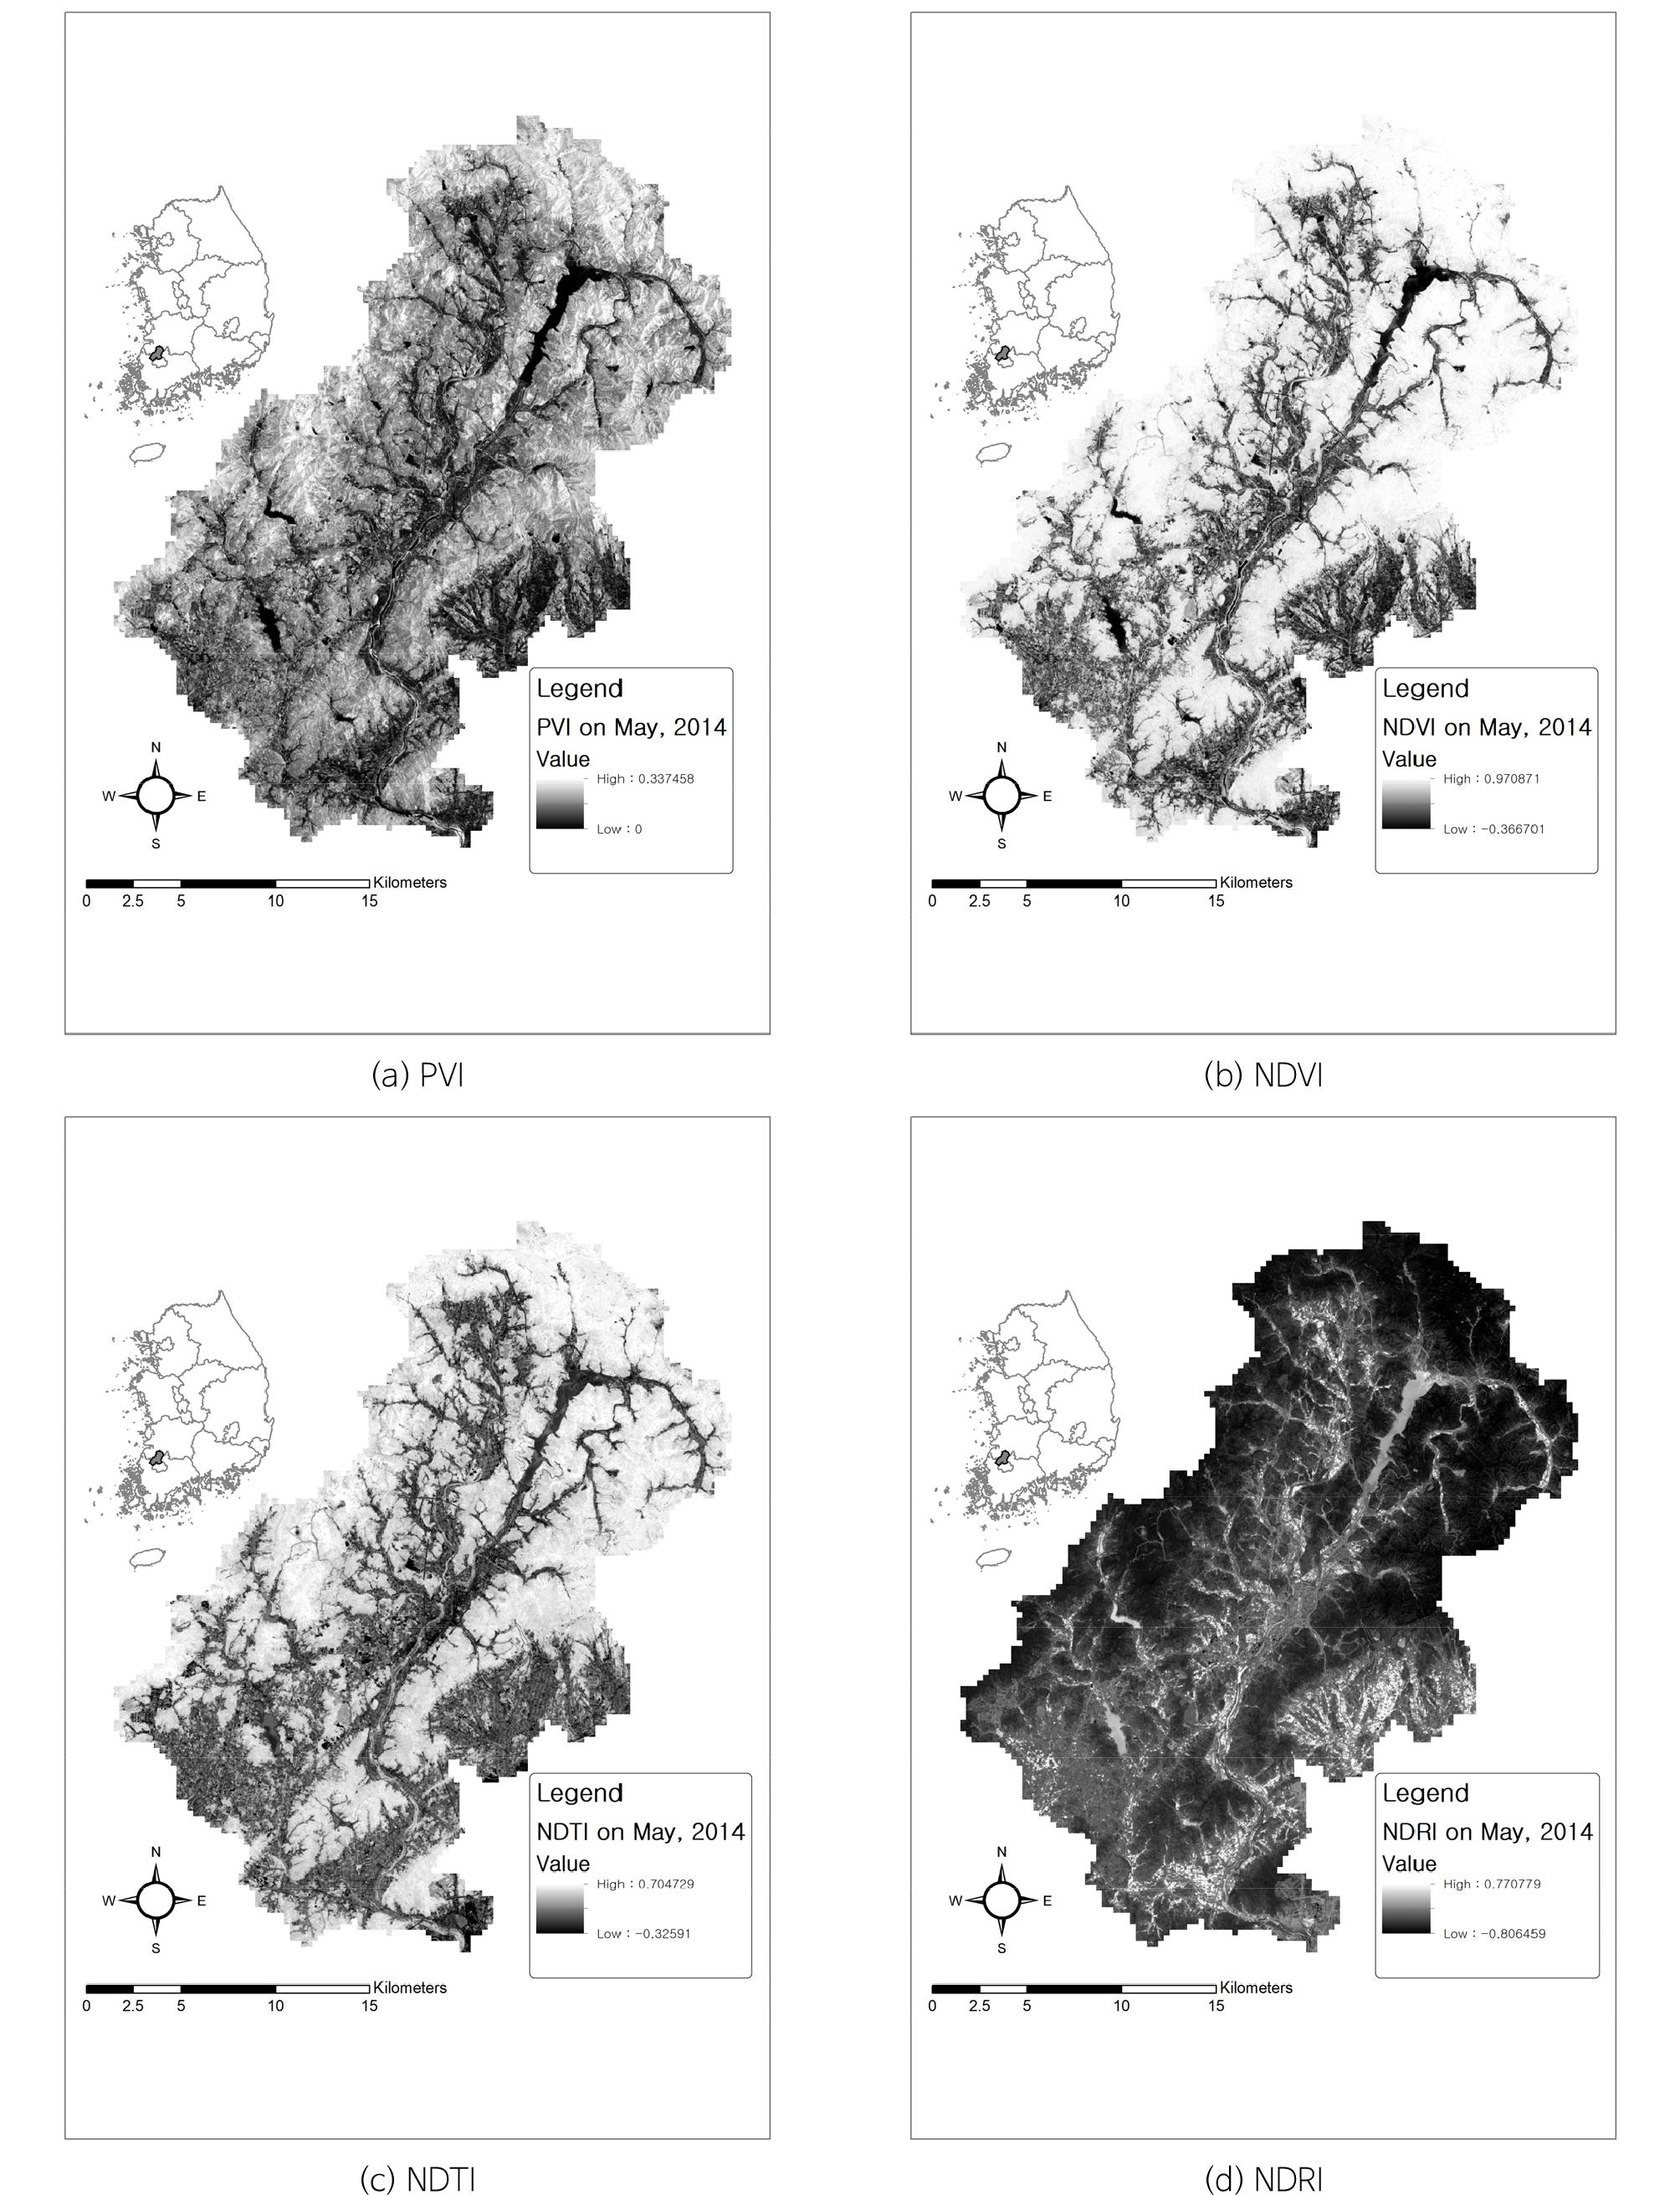 http://static.apub.kr/journalsite/sites/kseg/2020-030-03/N0520300311/images/kseg_30_03_11_F14.jpg